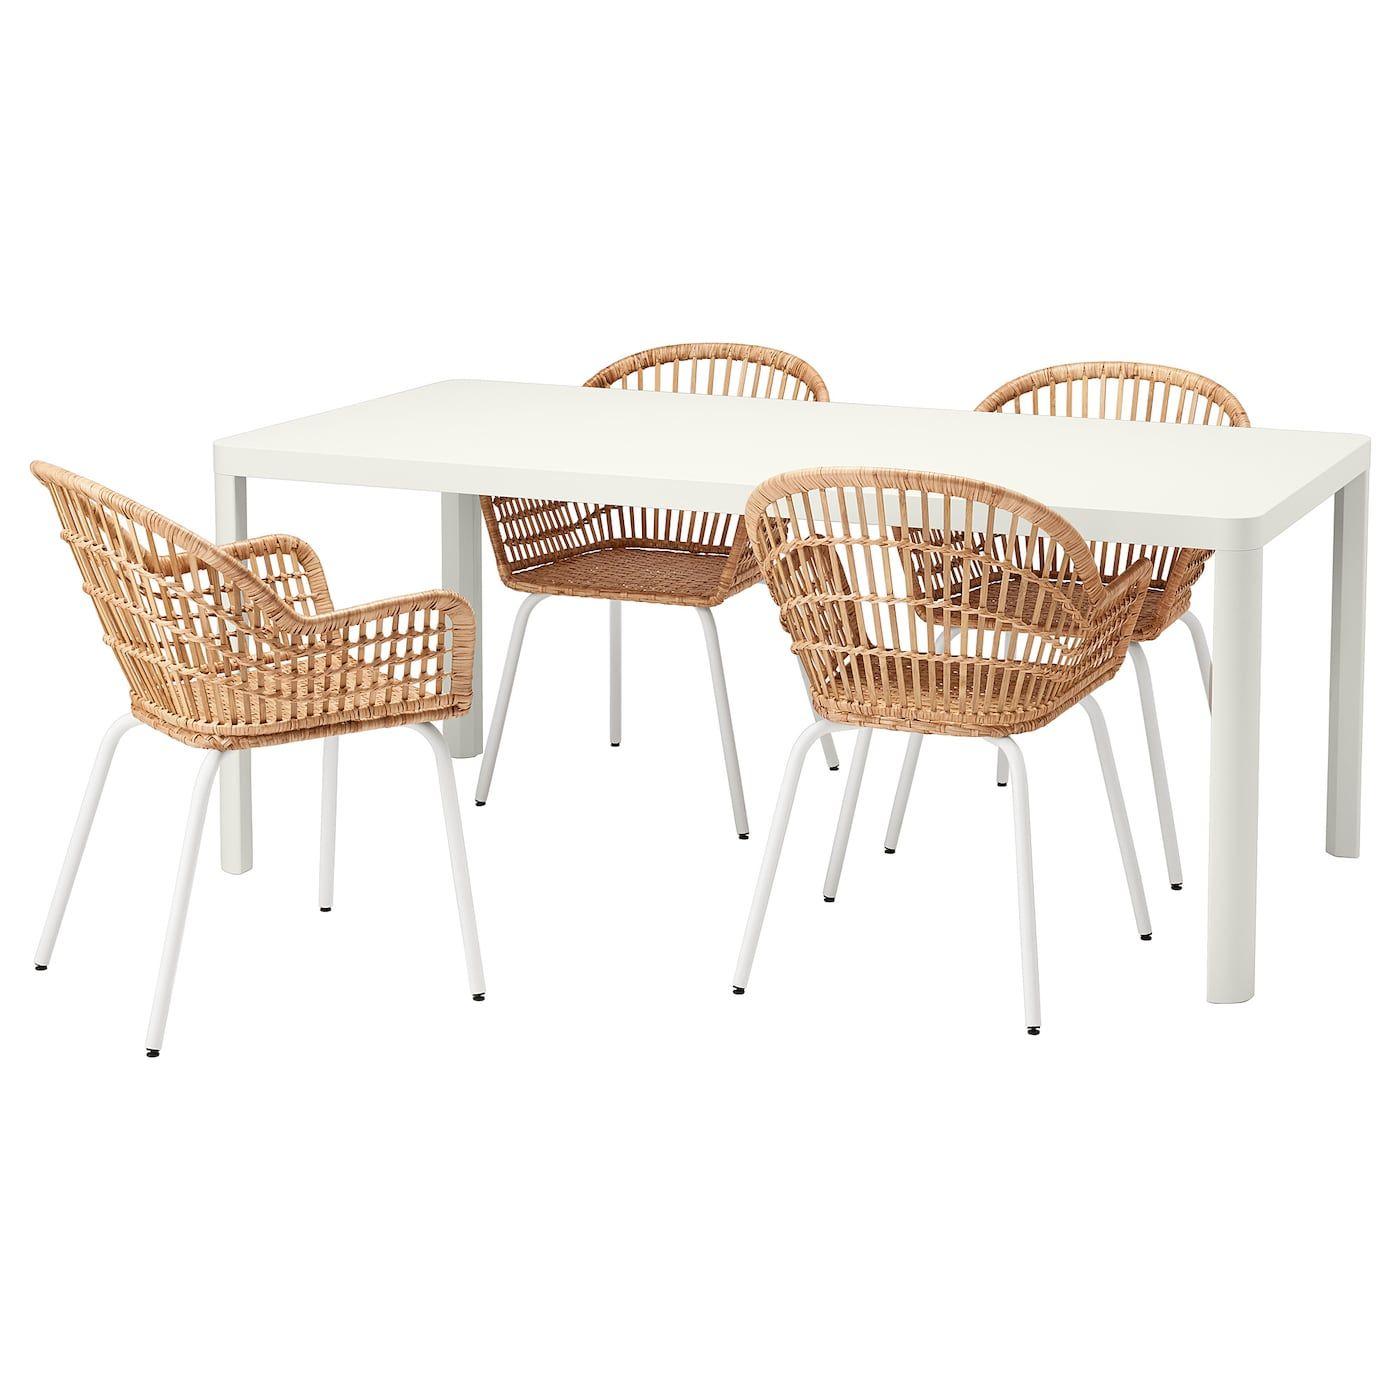 Ikea Eettafel 4 Stoelen.Tingby Nilsove Tafel En 4 Stoelen Wit Rotan Wit In 2020